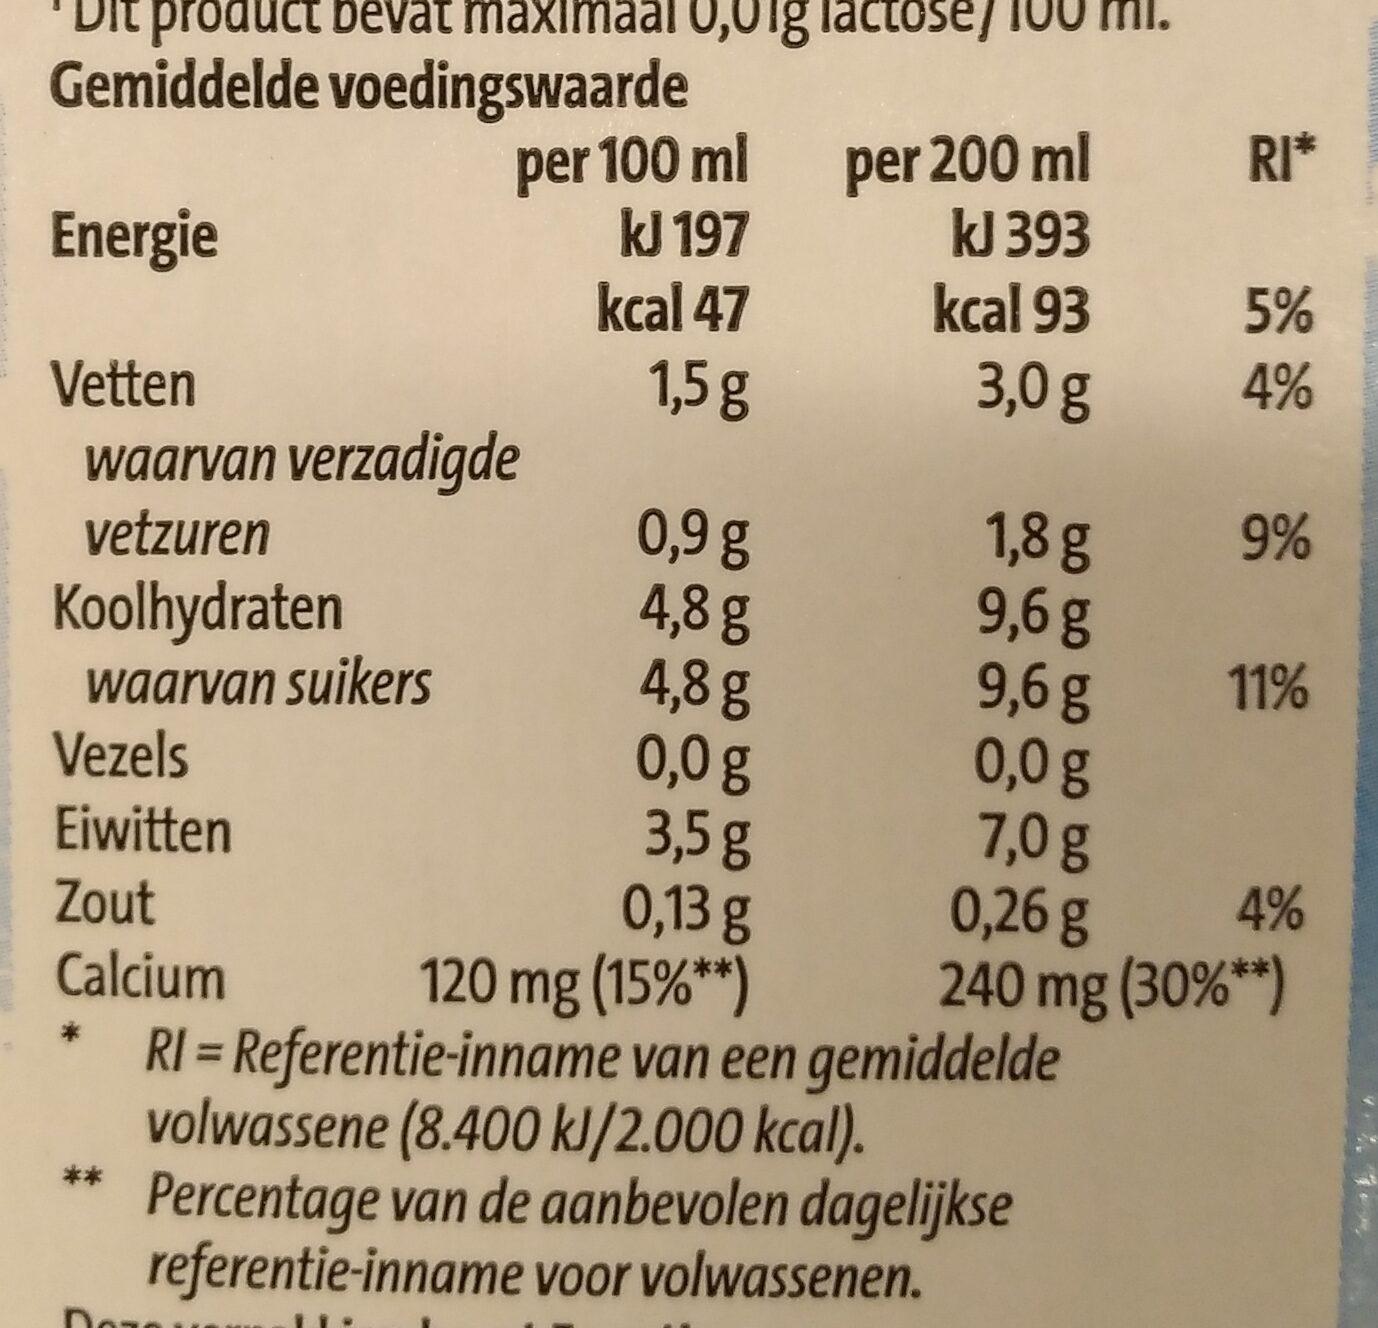 Houdbare lactosevrije half volle melk - Voedingswaarden - nl